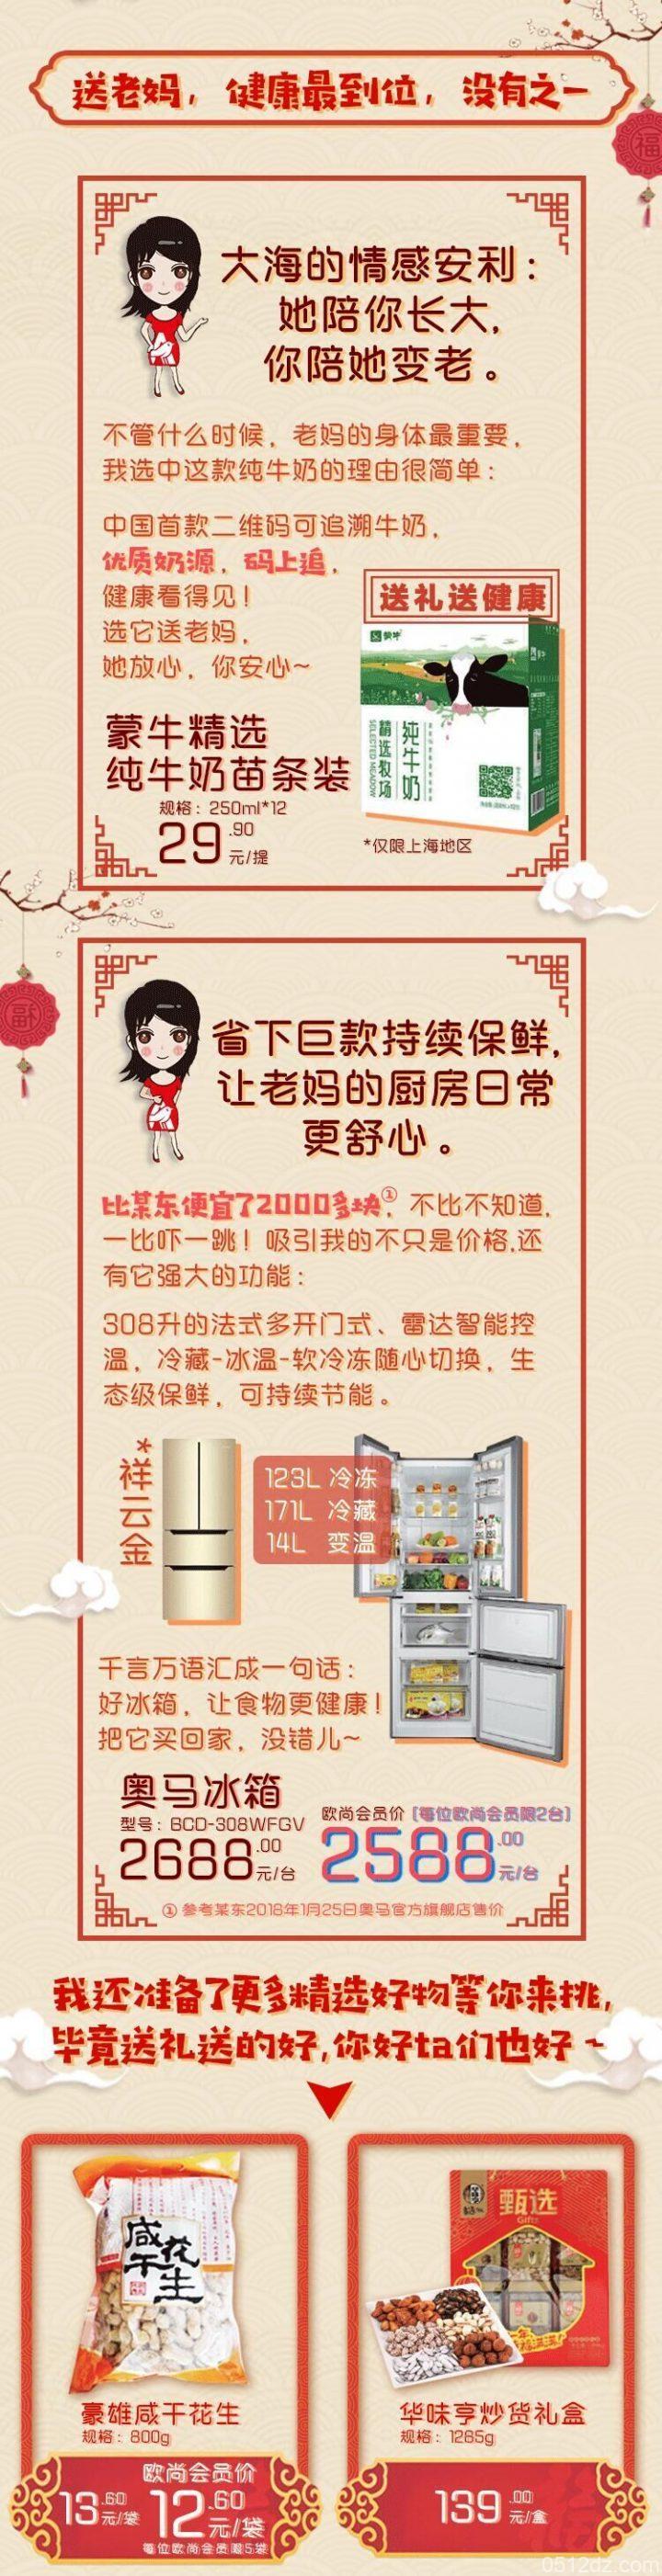 欧尚超市大海周曝1月31日-2月15日